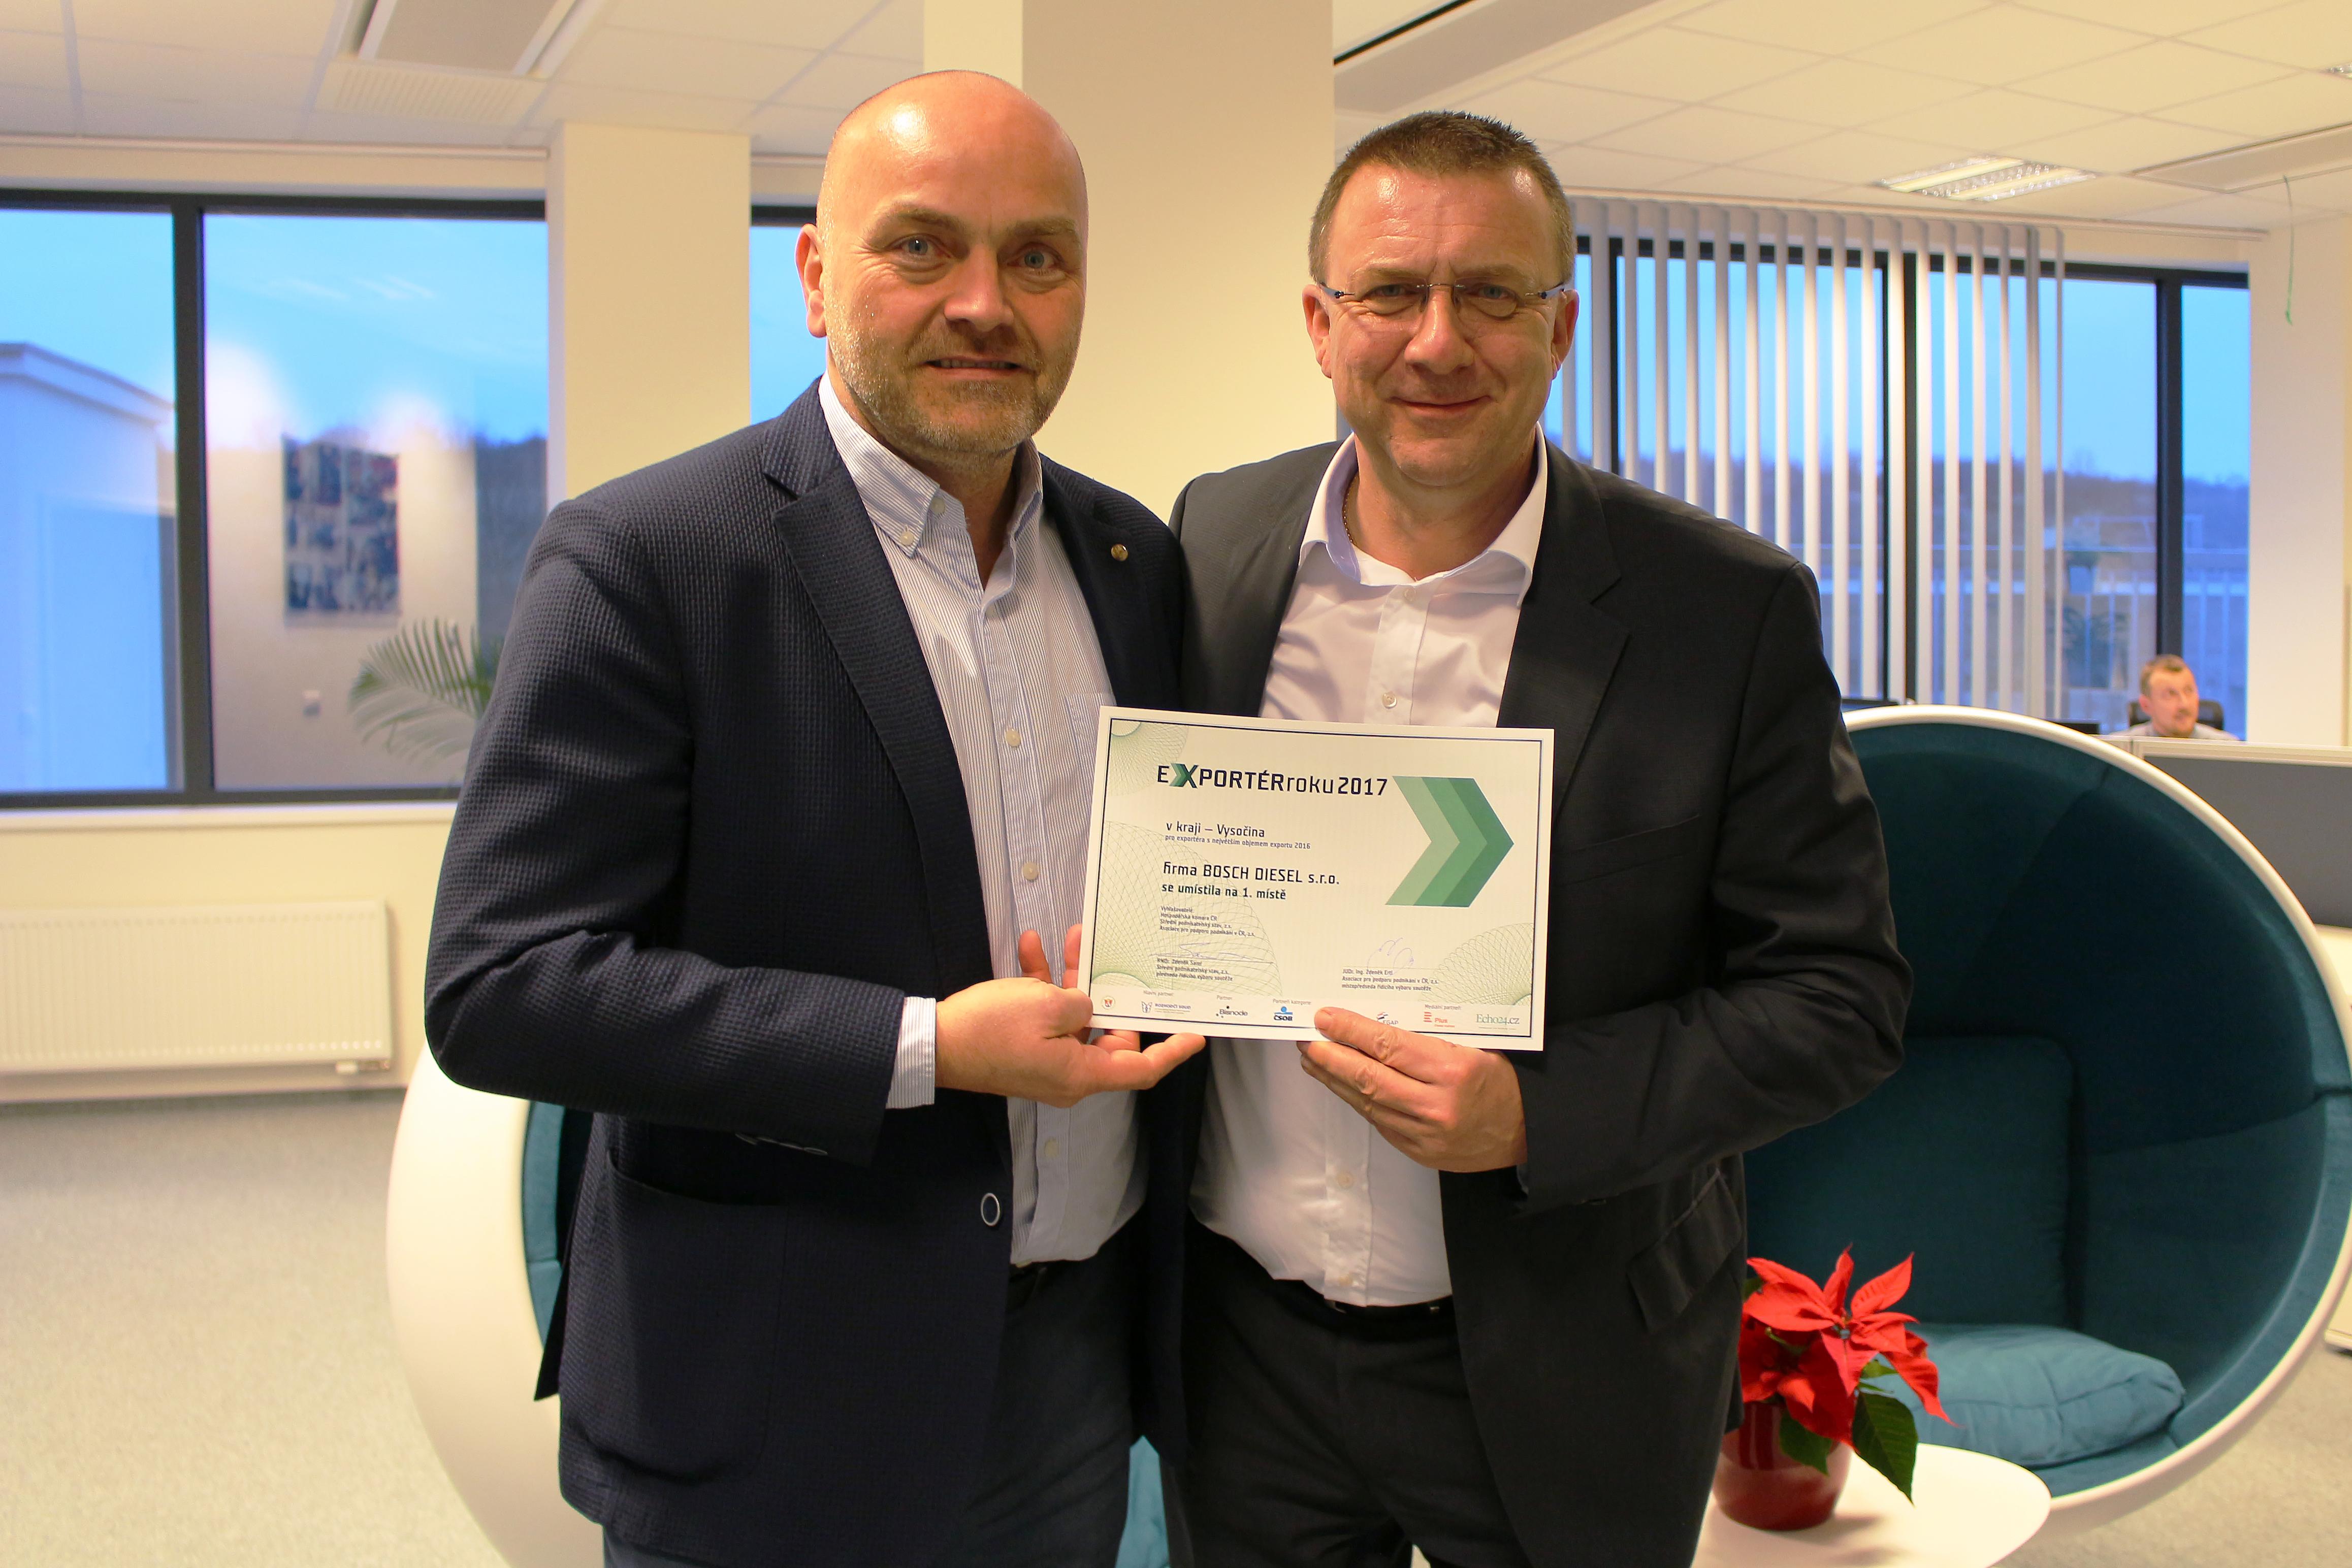 Vedení společnosti Bosch s diplomem za soutěž Exportér roku 2017 - cena pro Bosch Diesel s.r.o.